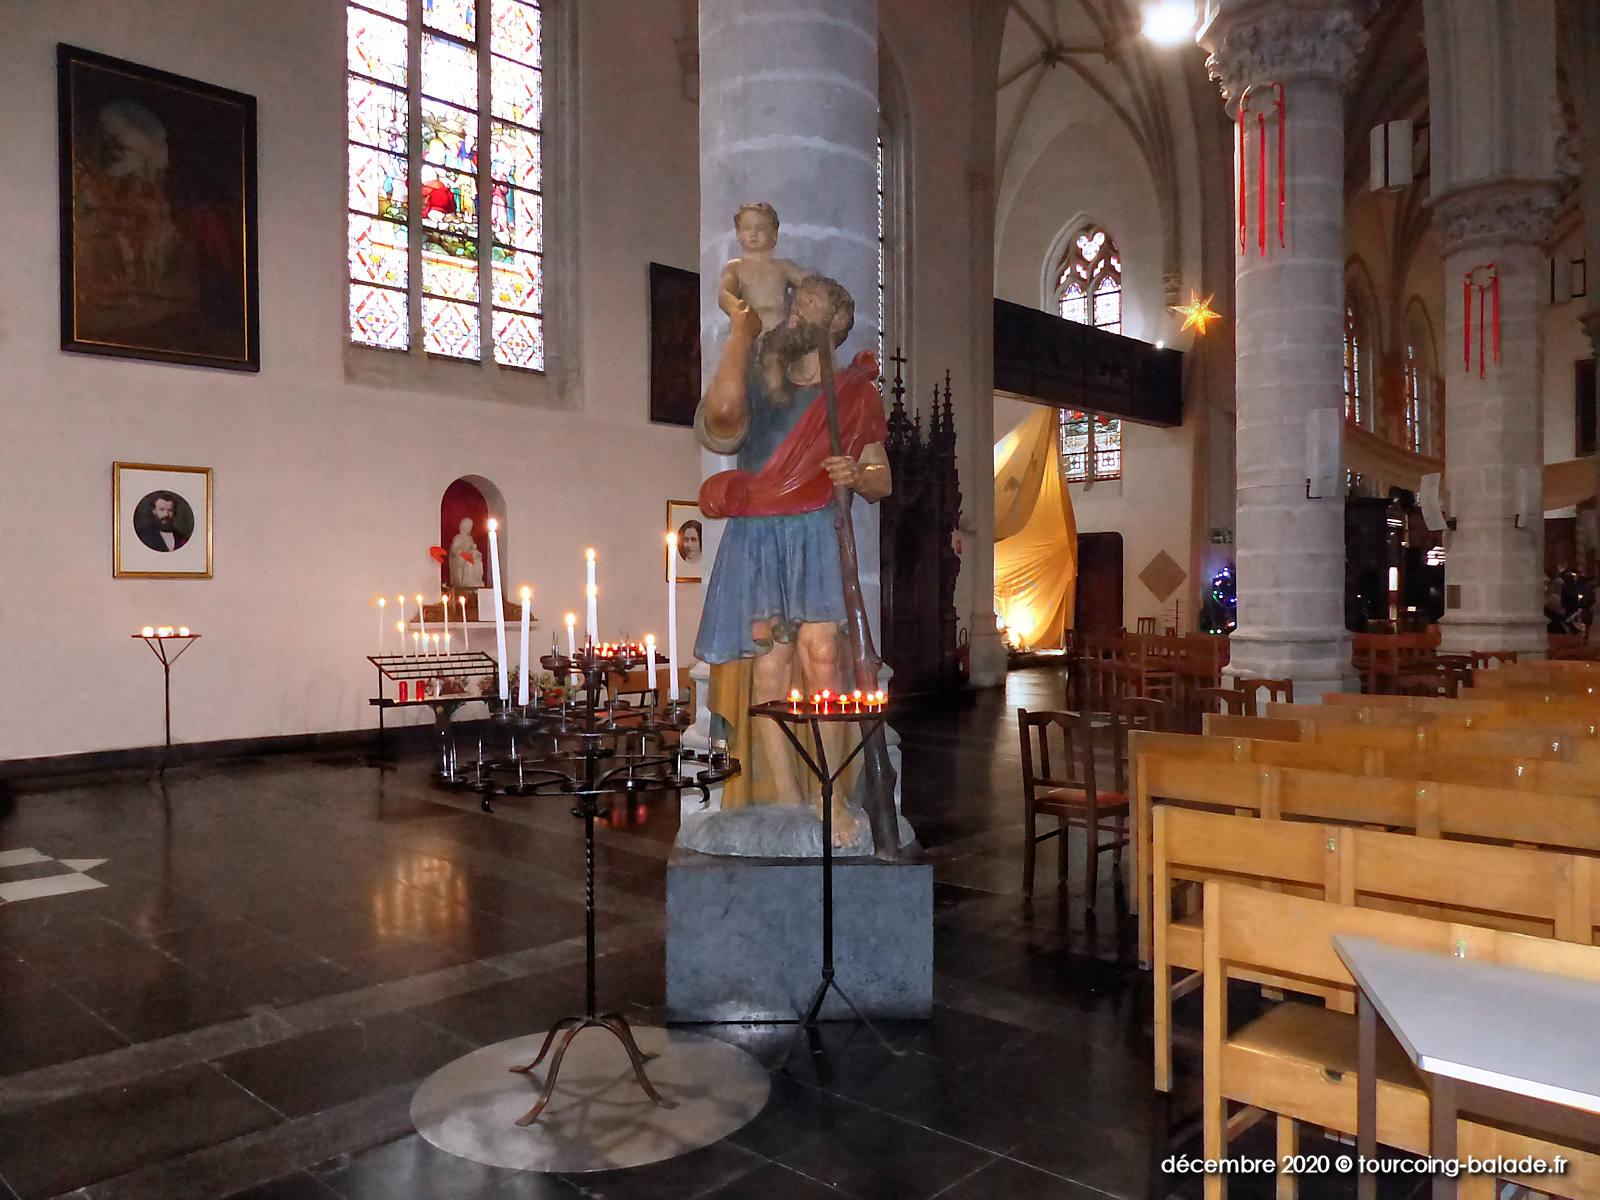 Patrimoine de Tourcoing - Statue Saint Christophe